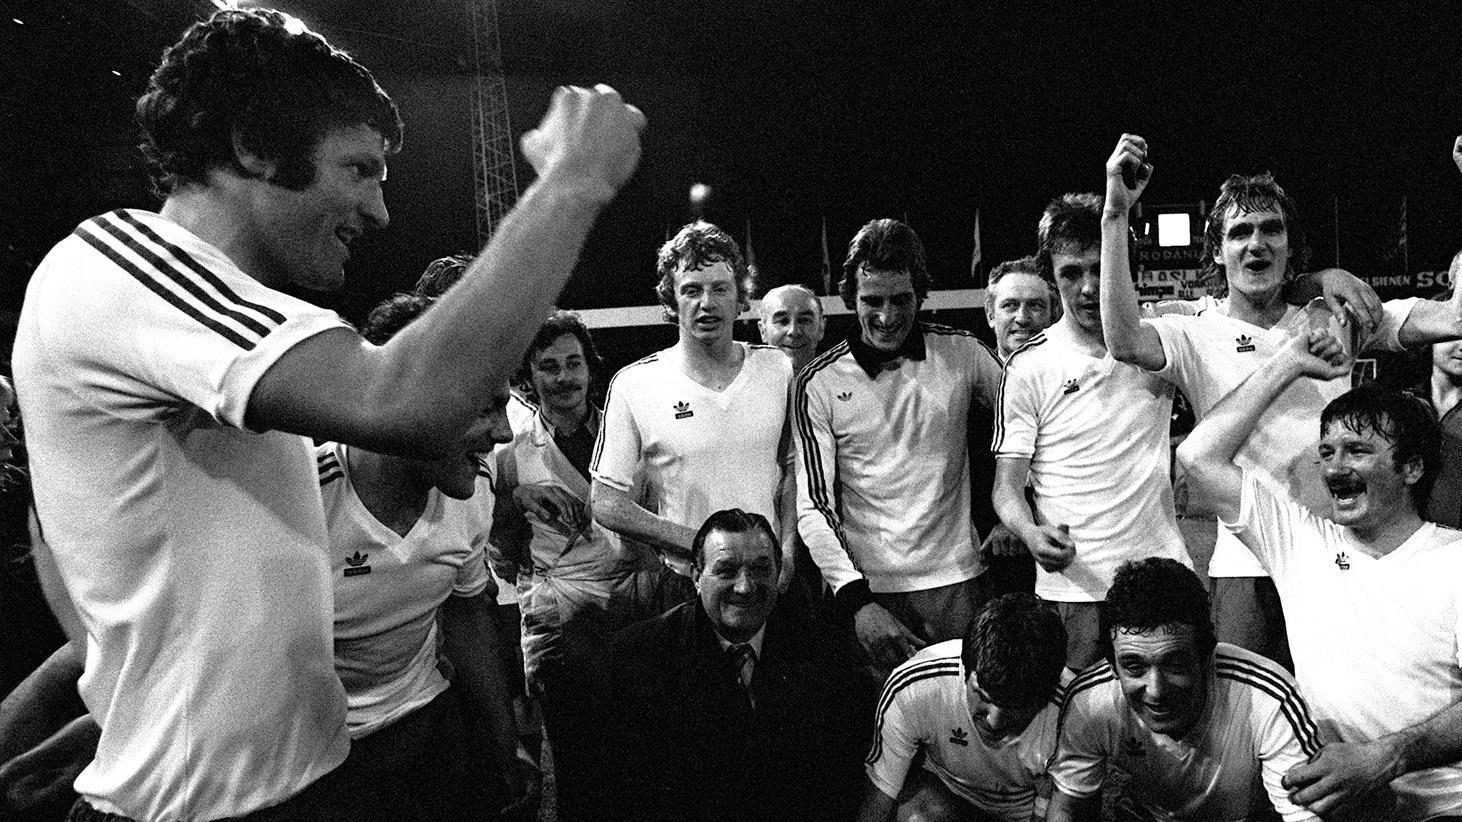 Jogadores do liverpool comemorando o tírulo em 1975, imagem em preto e branco